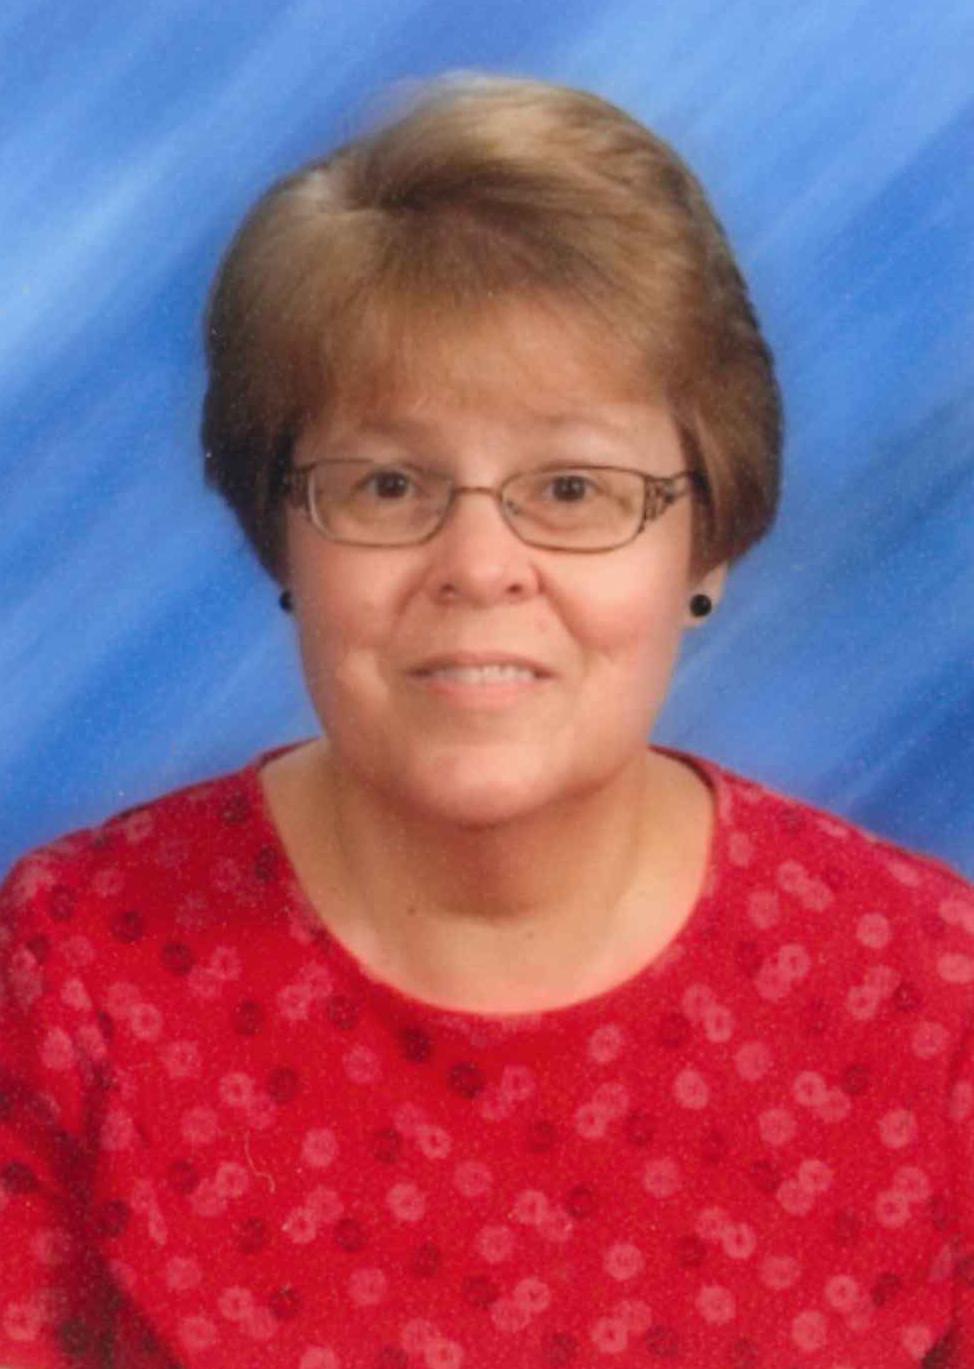 Priscilla L. Warren, age 60, of Tekamah, Nebraska